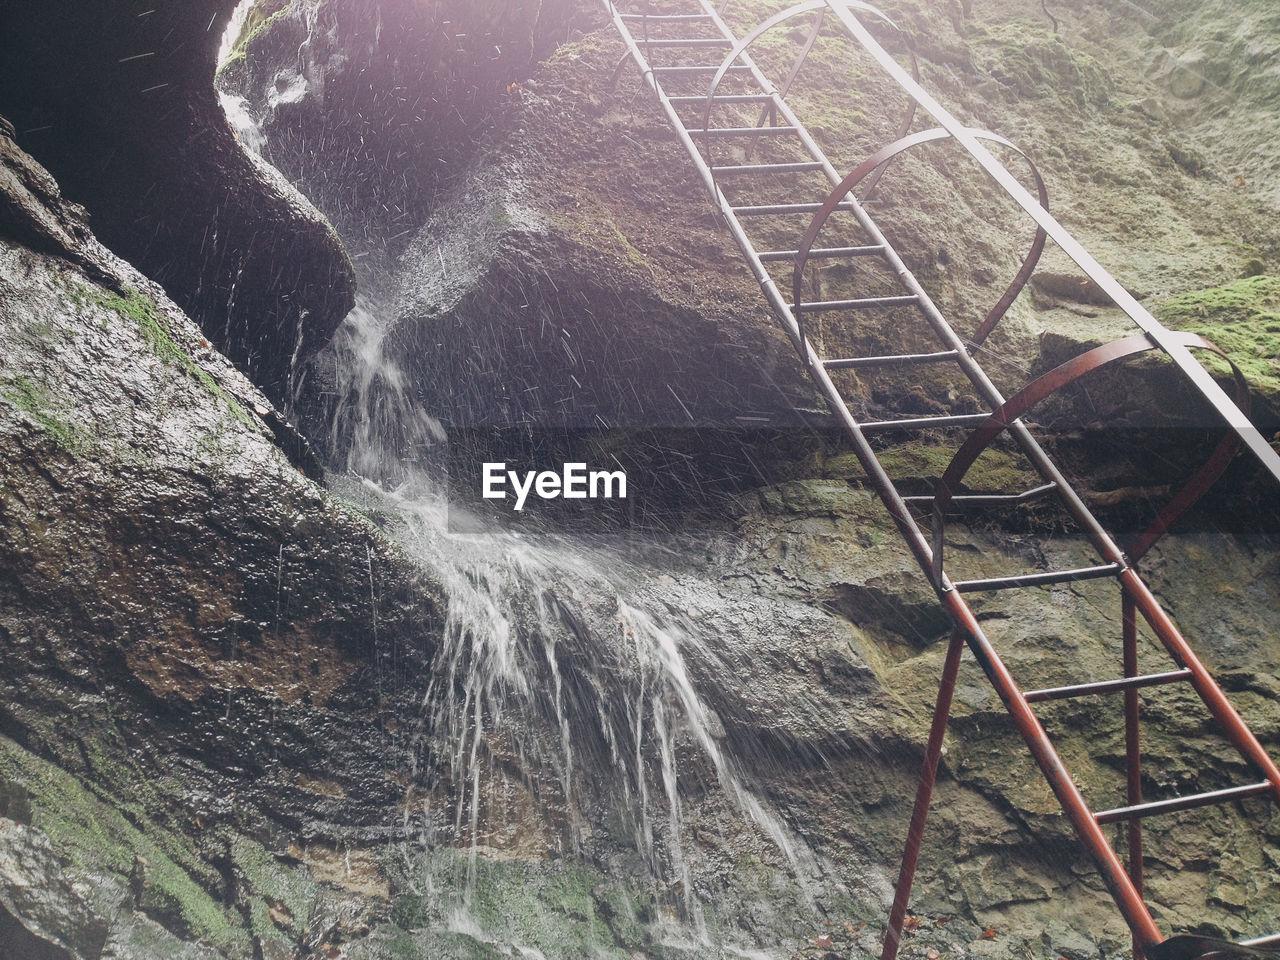 Metallic ladder by mountain